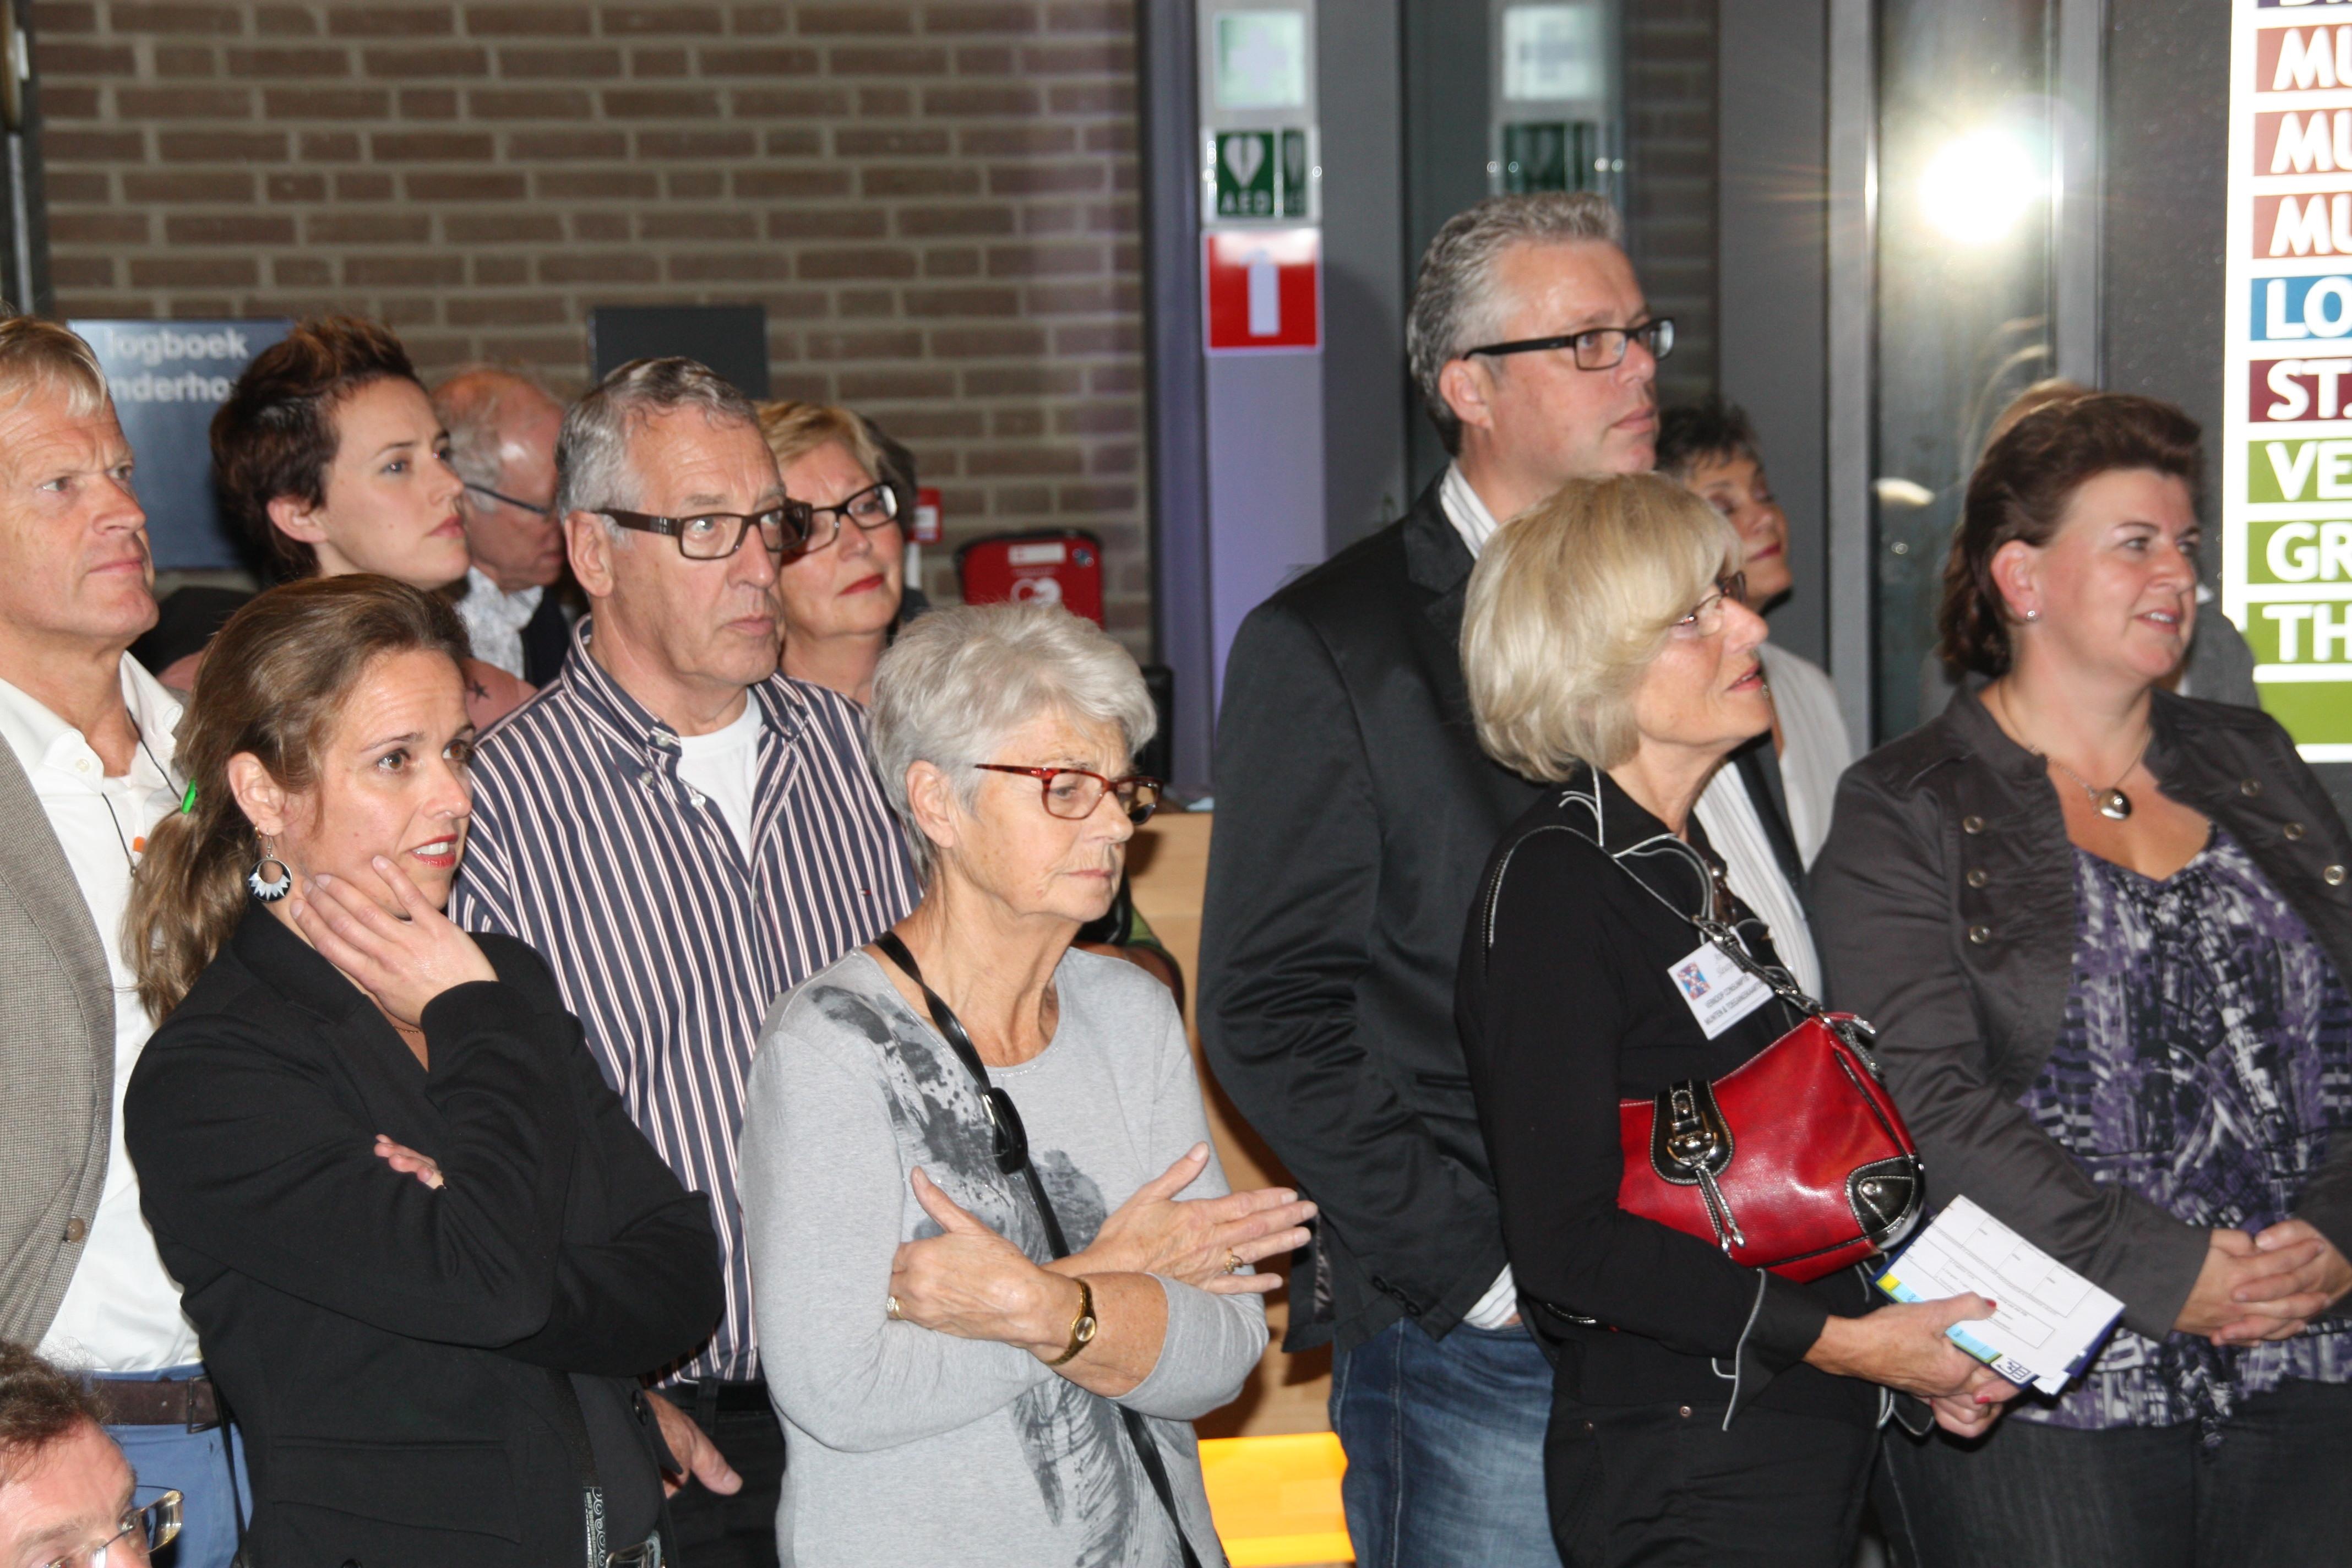 Koren op de Rosmolen 2012_2012 10 27_1927